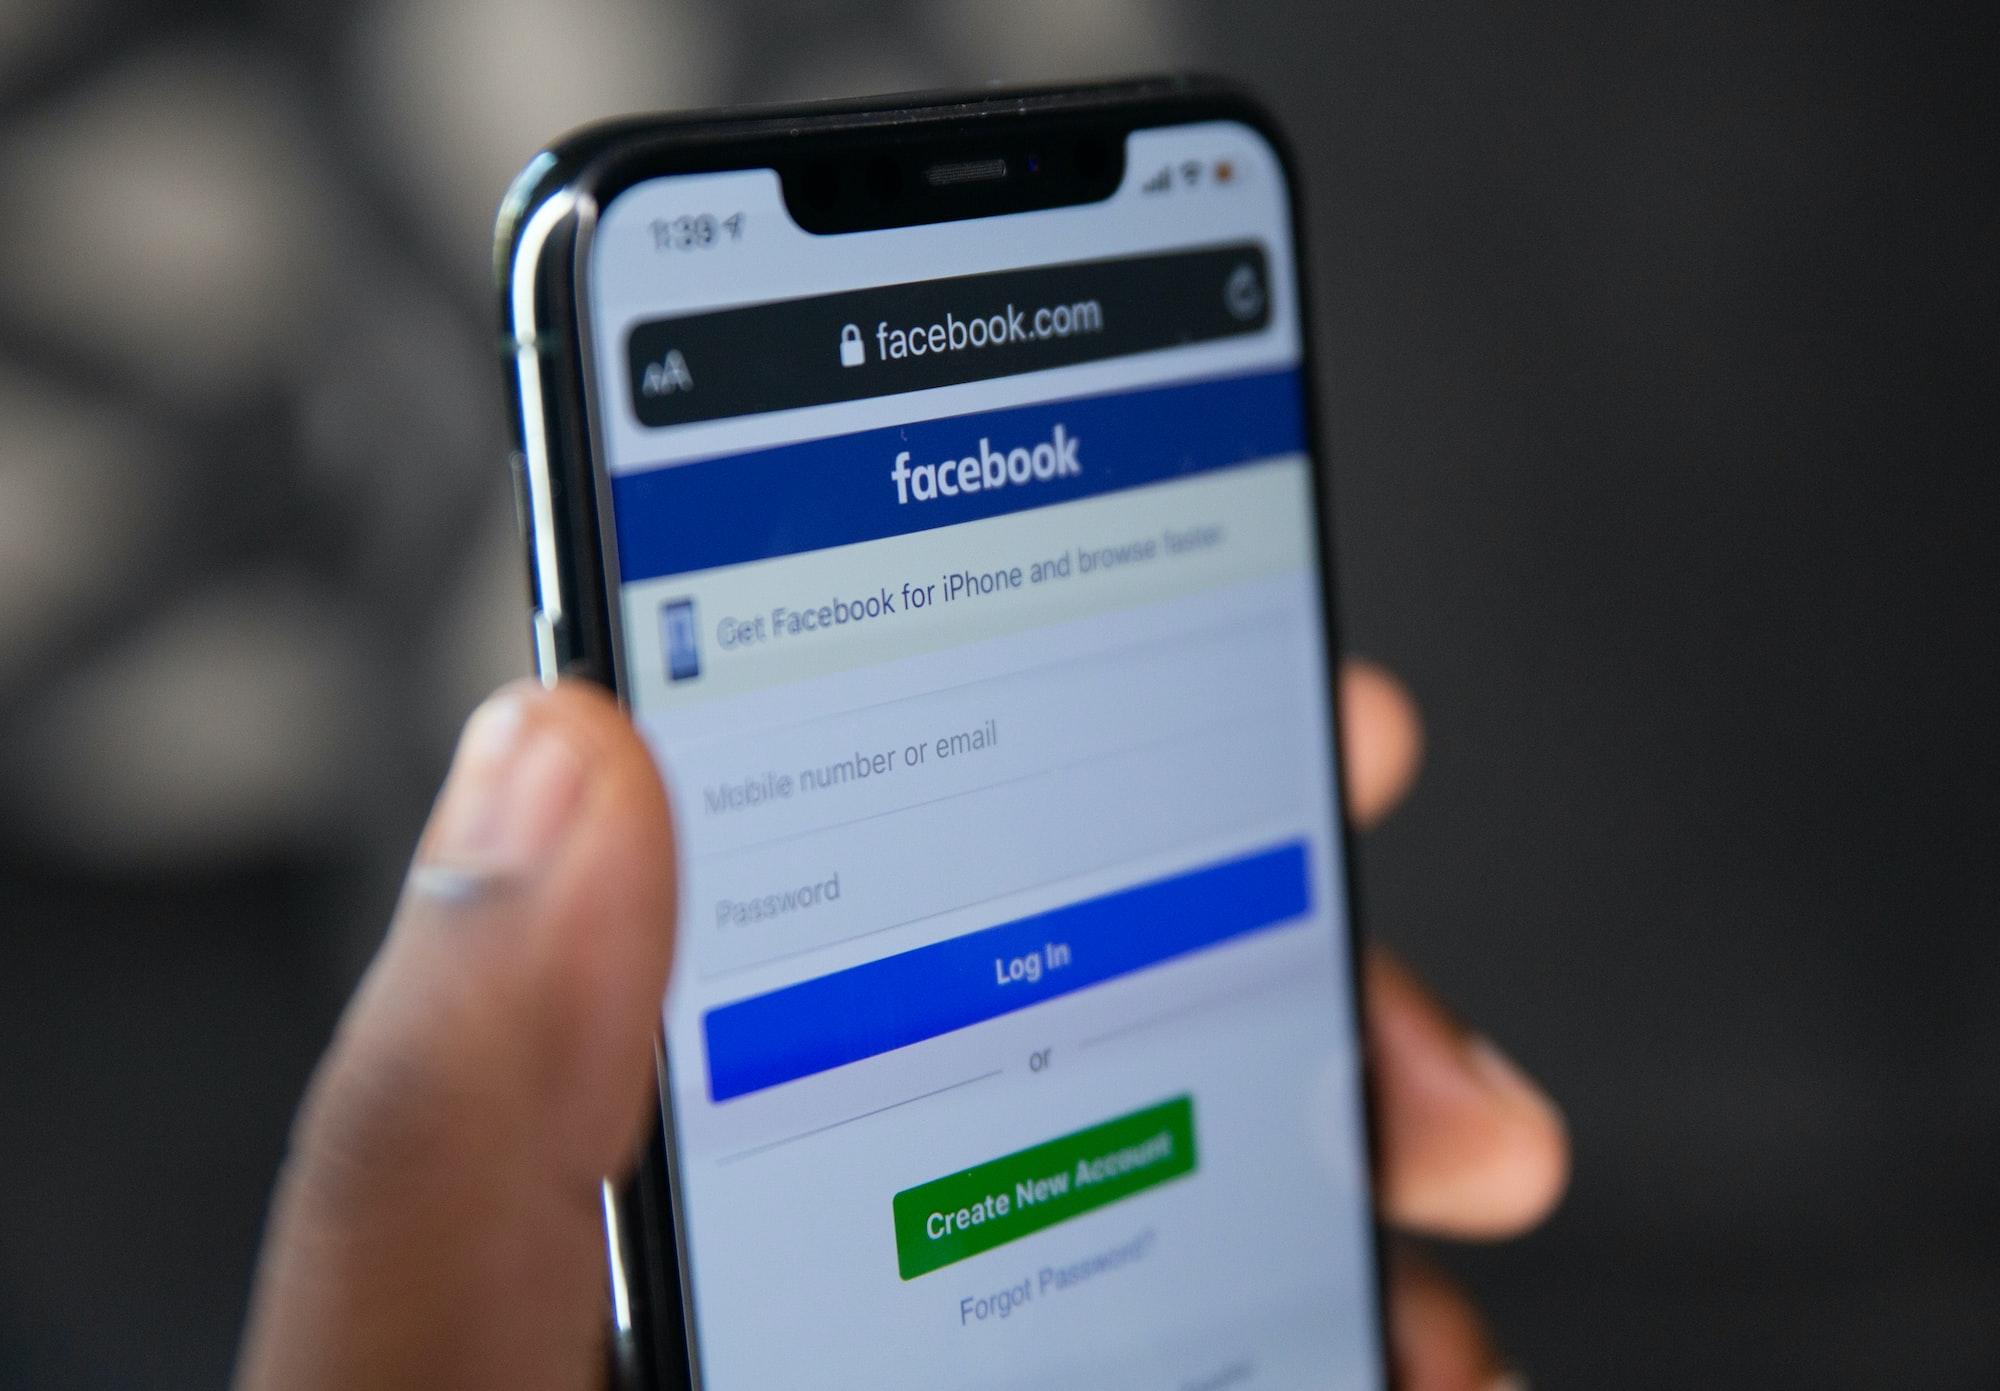 La sécurité des enfants sur Facebook: une «faillite morale» selon la lanceuse d'alertes Frances Haugen